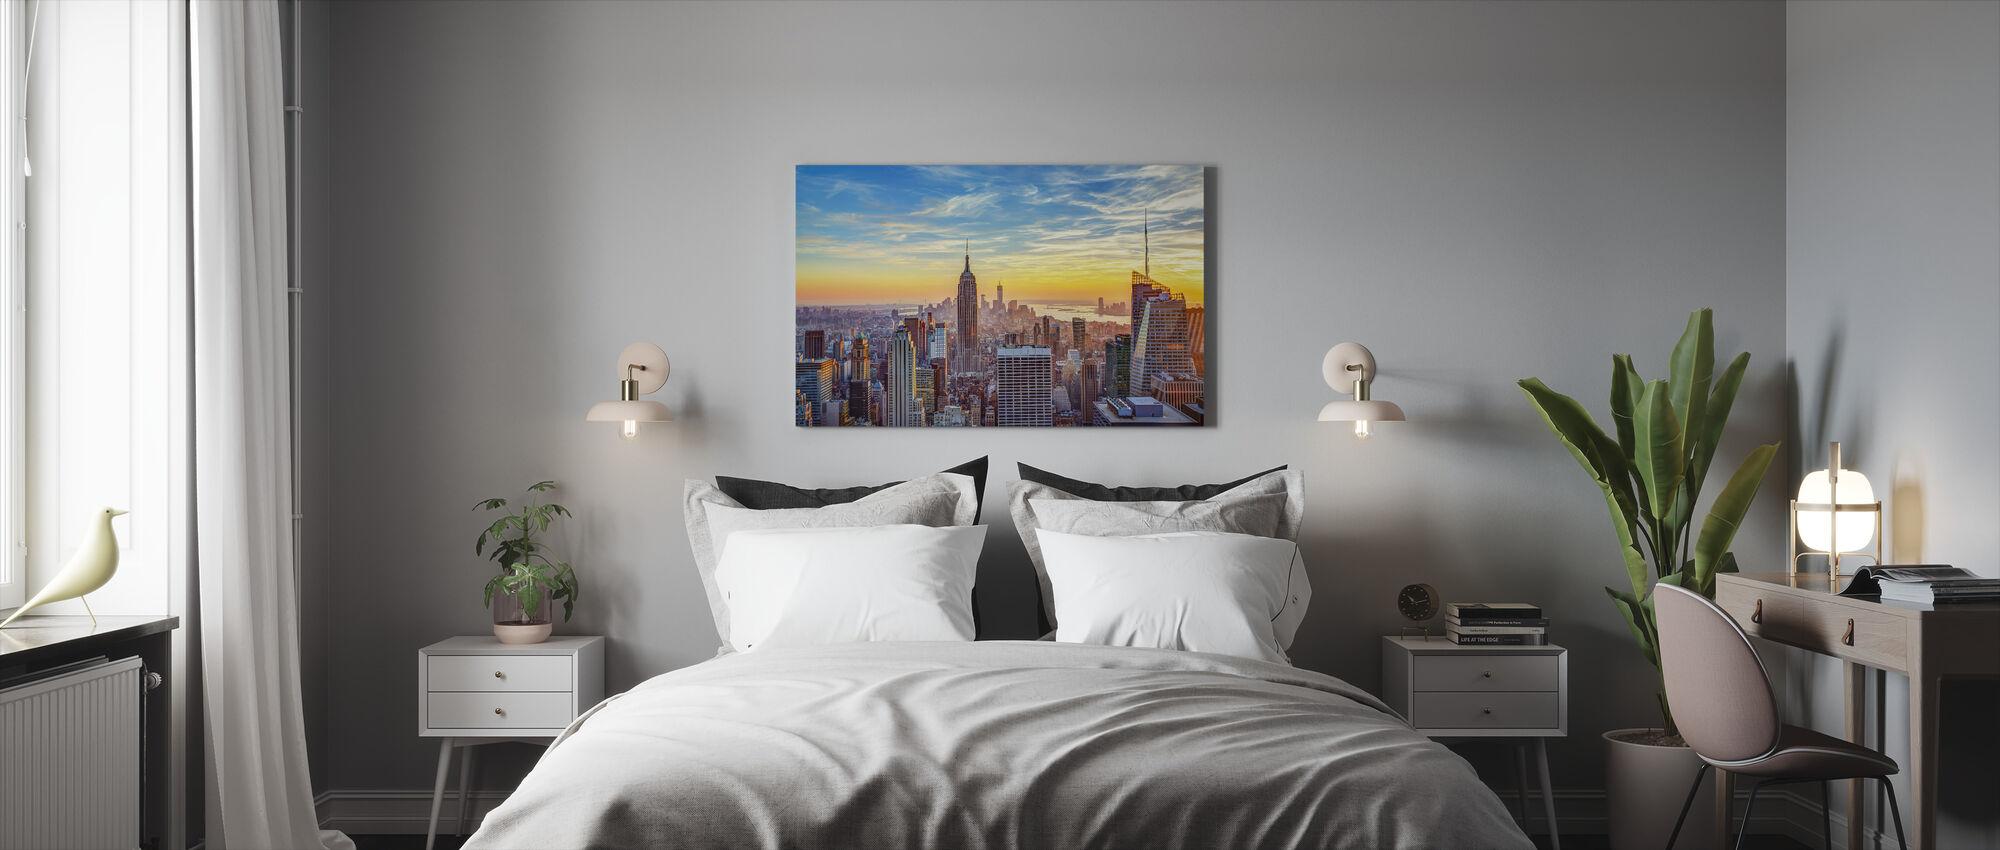 Ilmakuva kaupunkiin - Canvastaulu - Makuuhuone